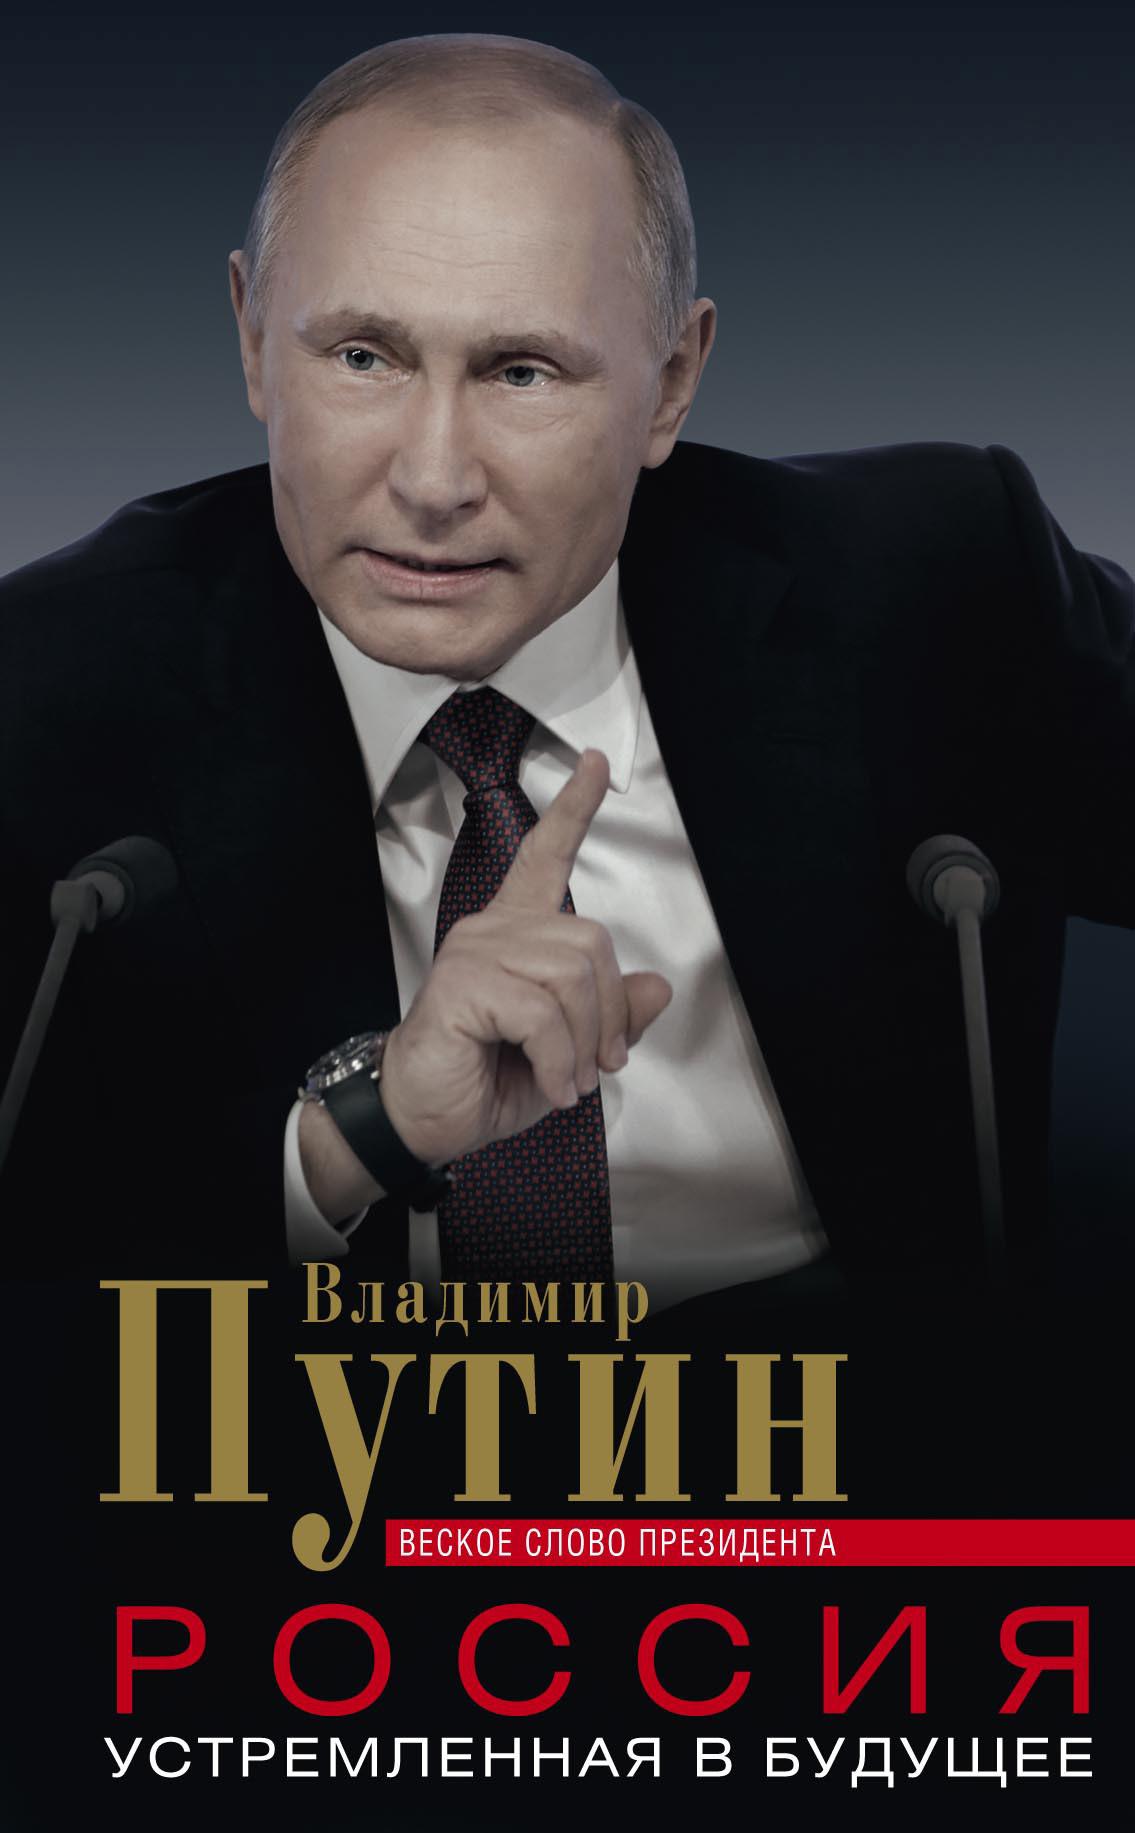 Владимир Путин бесплатно